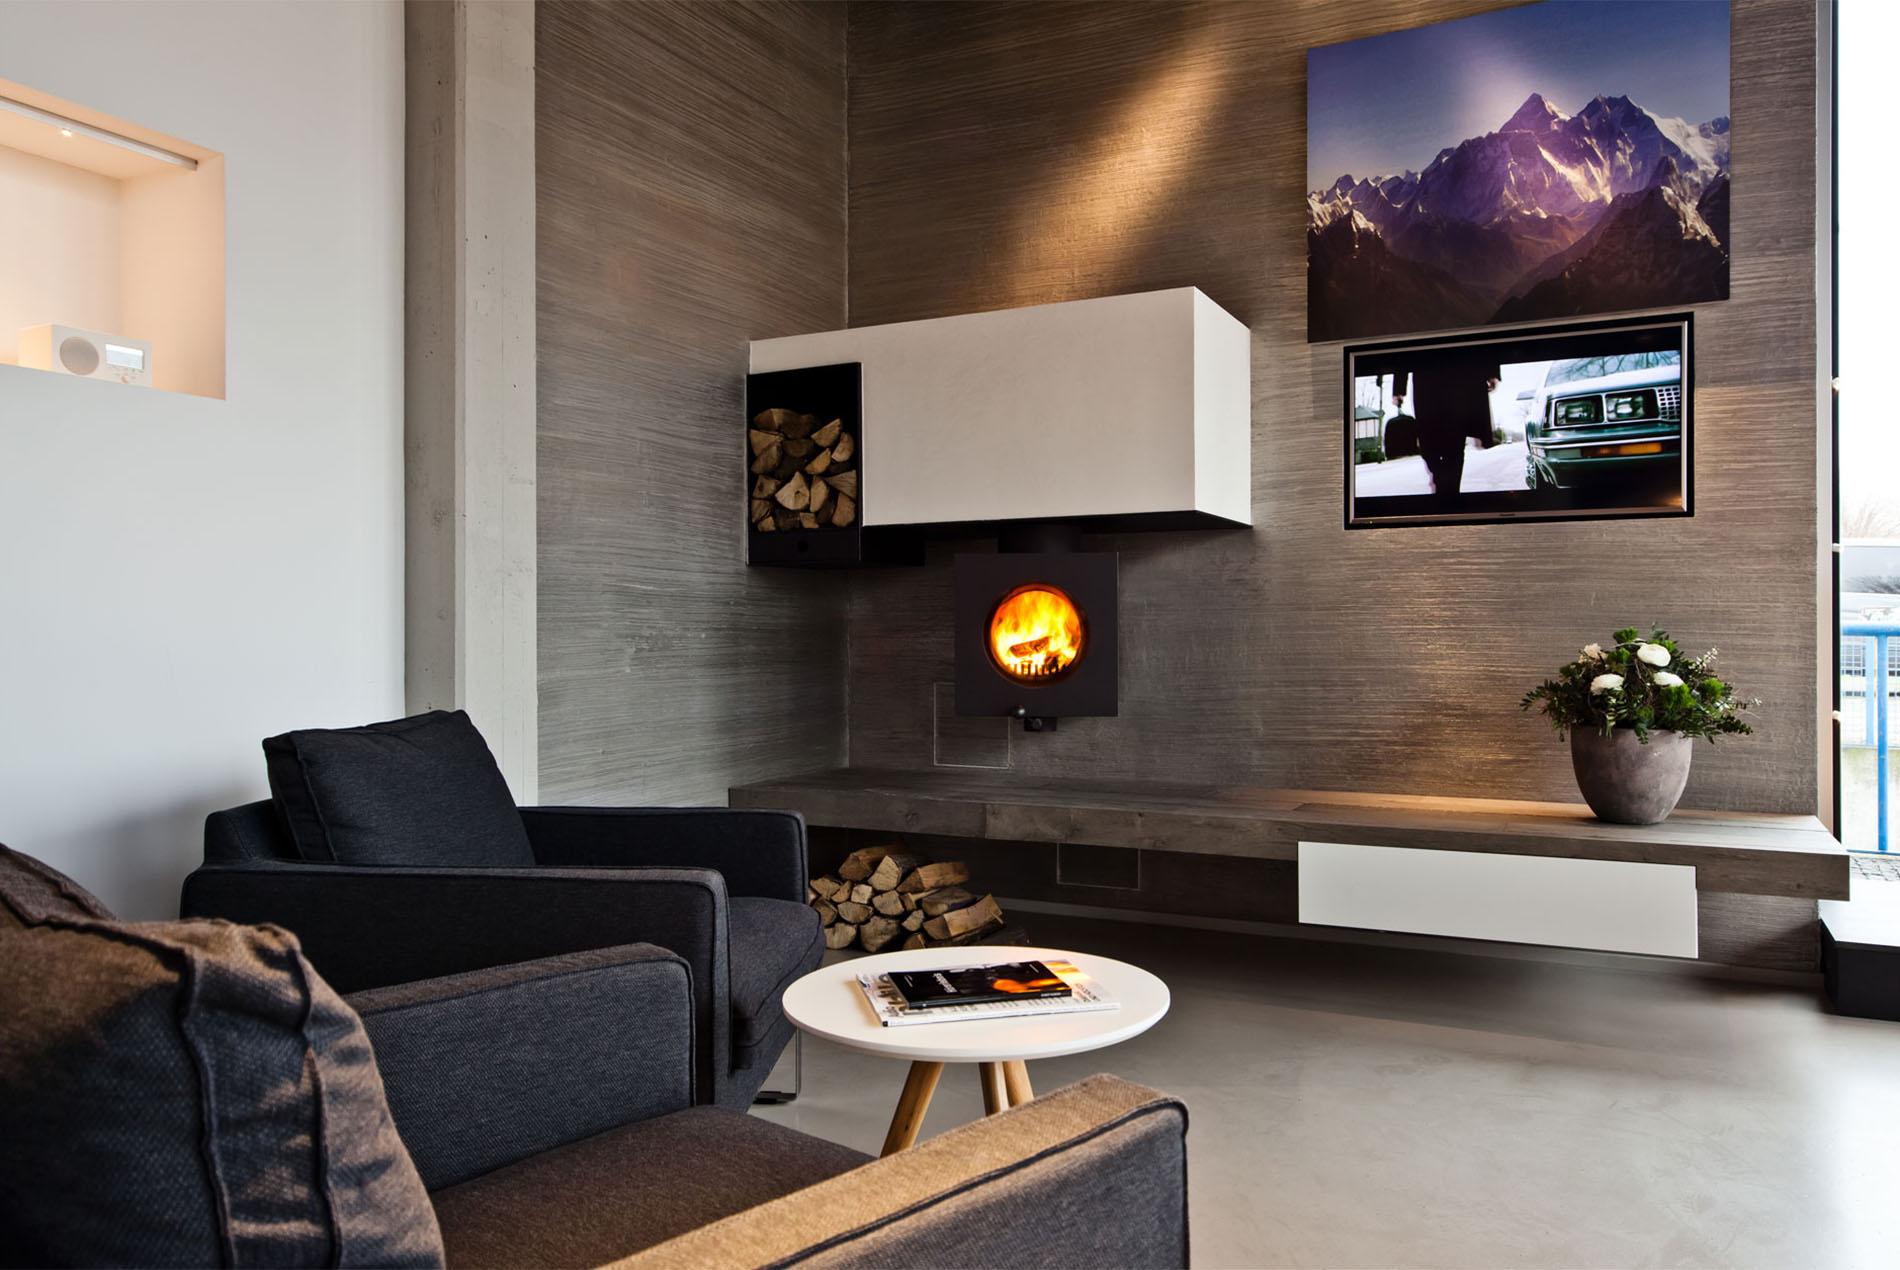 unsere ausstellungen sch pker holz wohn form gmbh co kg. Black Bedroom Furniture Sets. Home Design Ideas